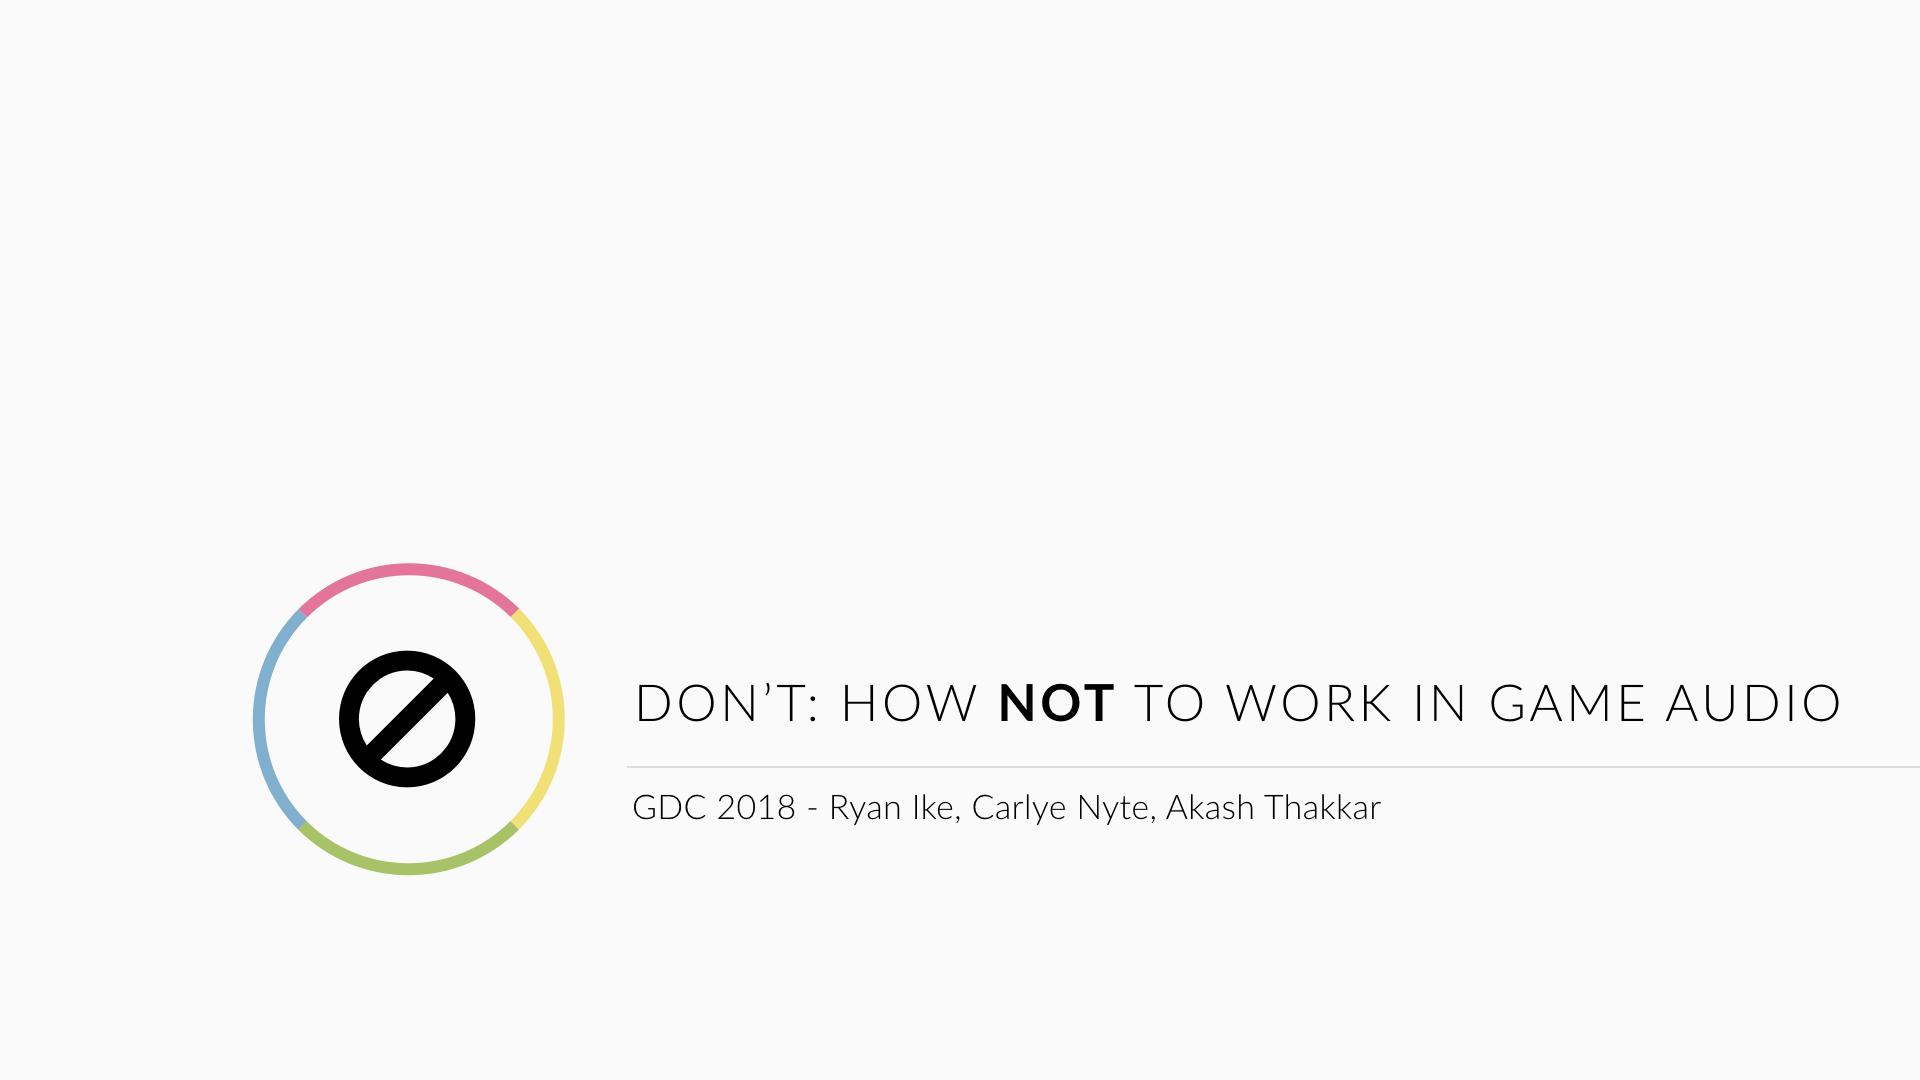 Don't GDC Audio Talk 2018 - Light.001.jpeg